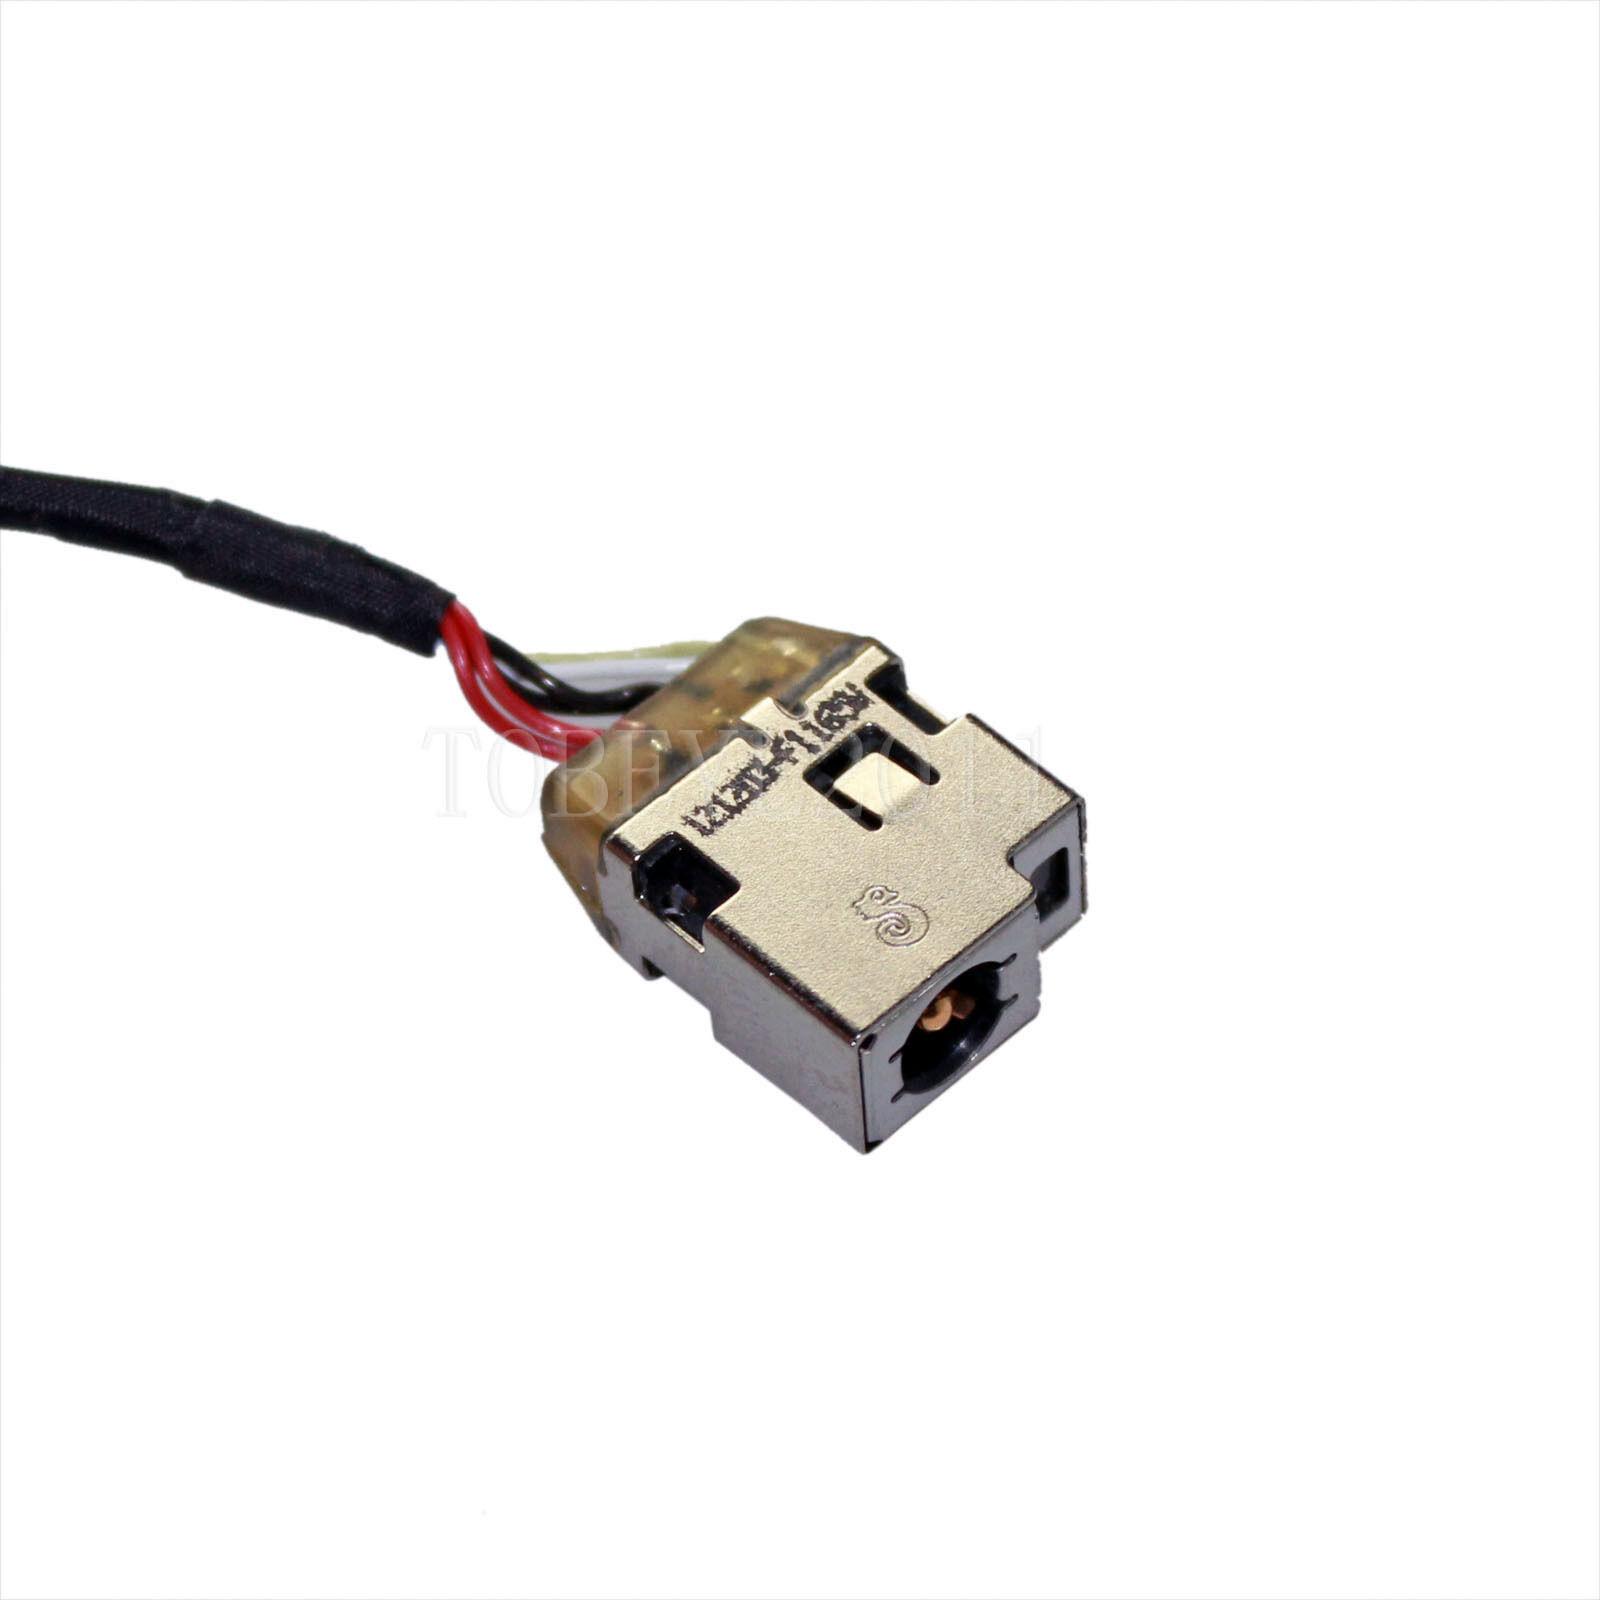 Original DC power jack cable for HP Spectre XT TouchSmart 15-4000ea 15-4100ea